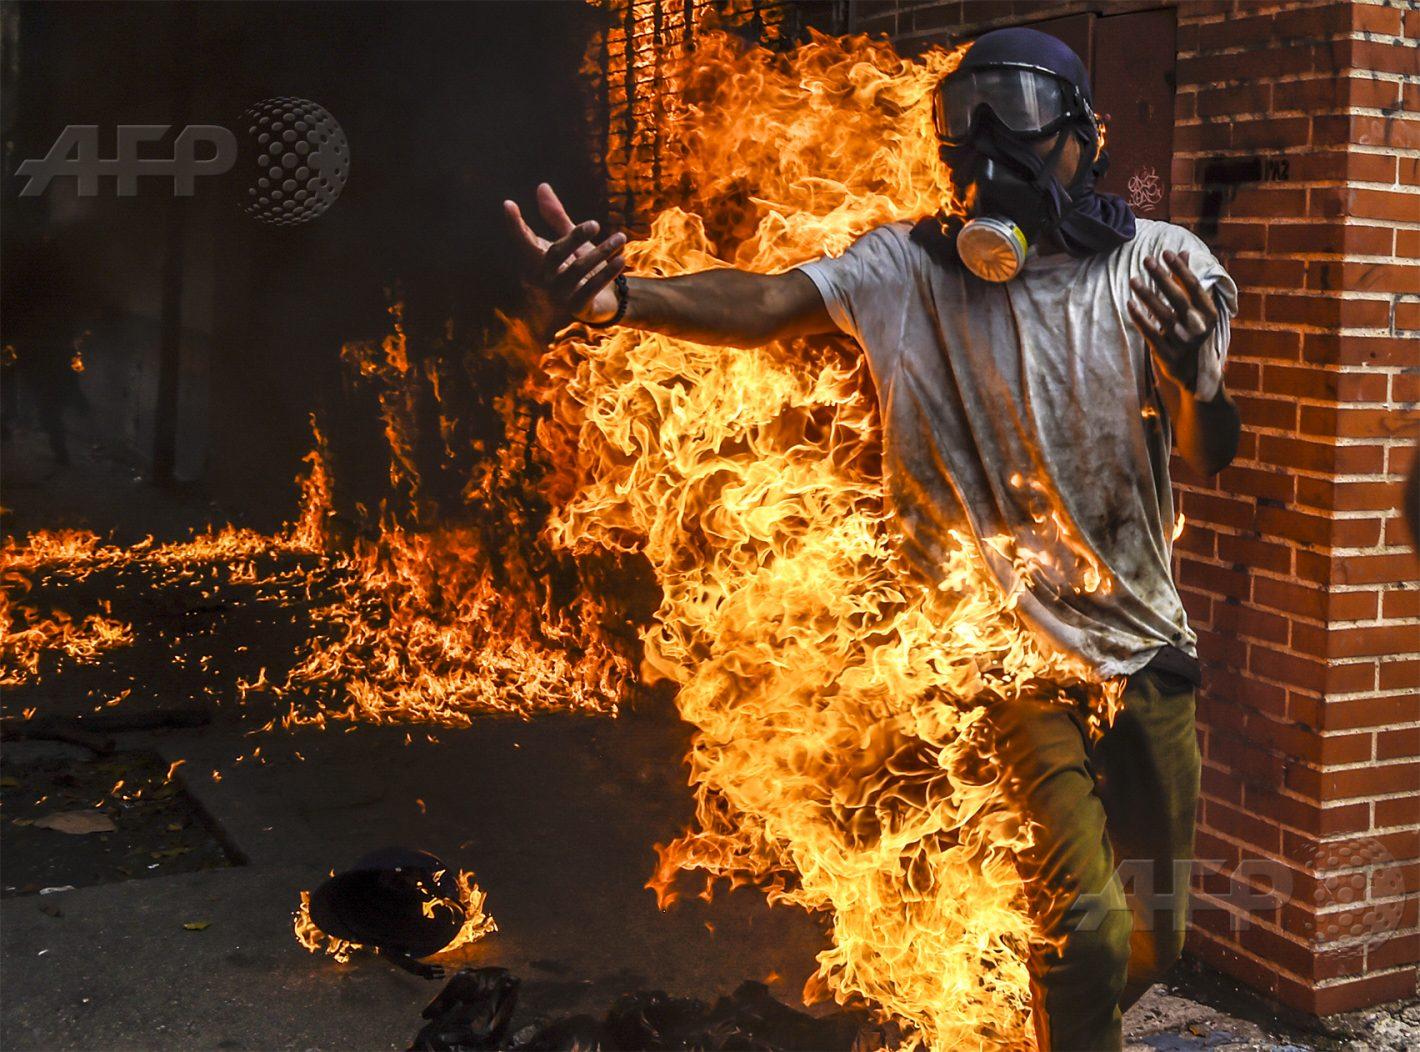 AFP 10 / VENEZUELA 3 mai 2017 - Caracas, Venezuela - Un manifestant prend feu après que le réservoir d'essence d'une moto de police a explosé, lors d'affrontements pour protester contre le président vénézuélien Nicolas Maduro. AFP / JUAN BARRETO